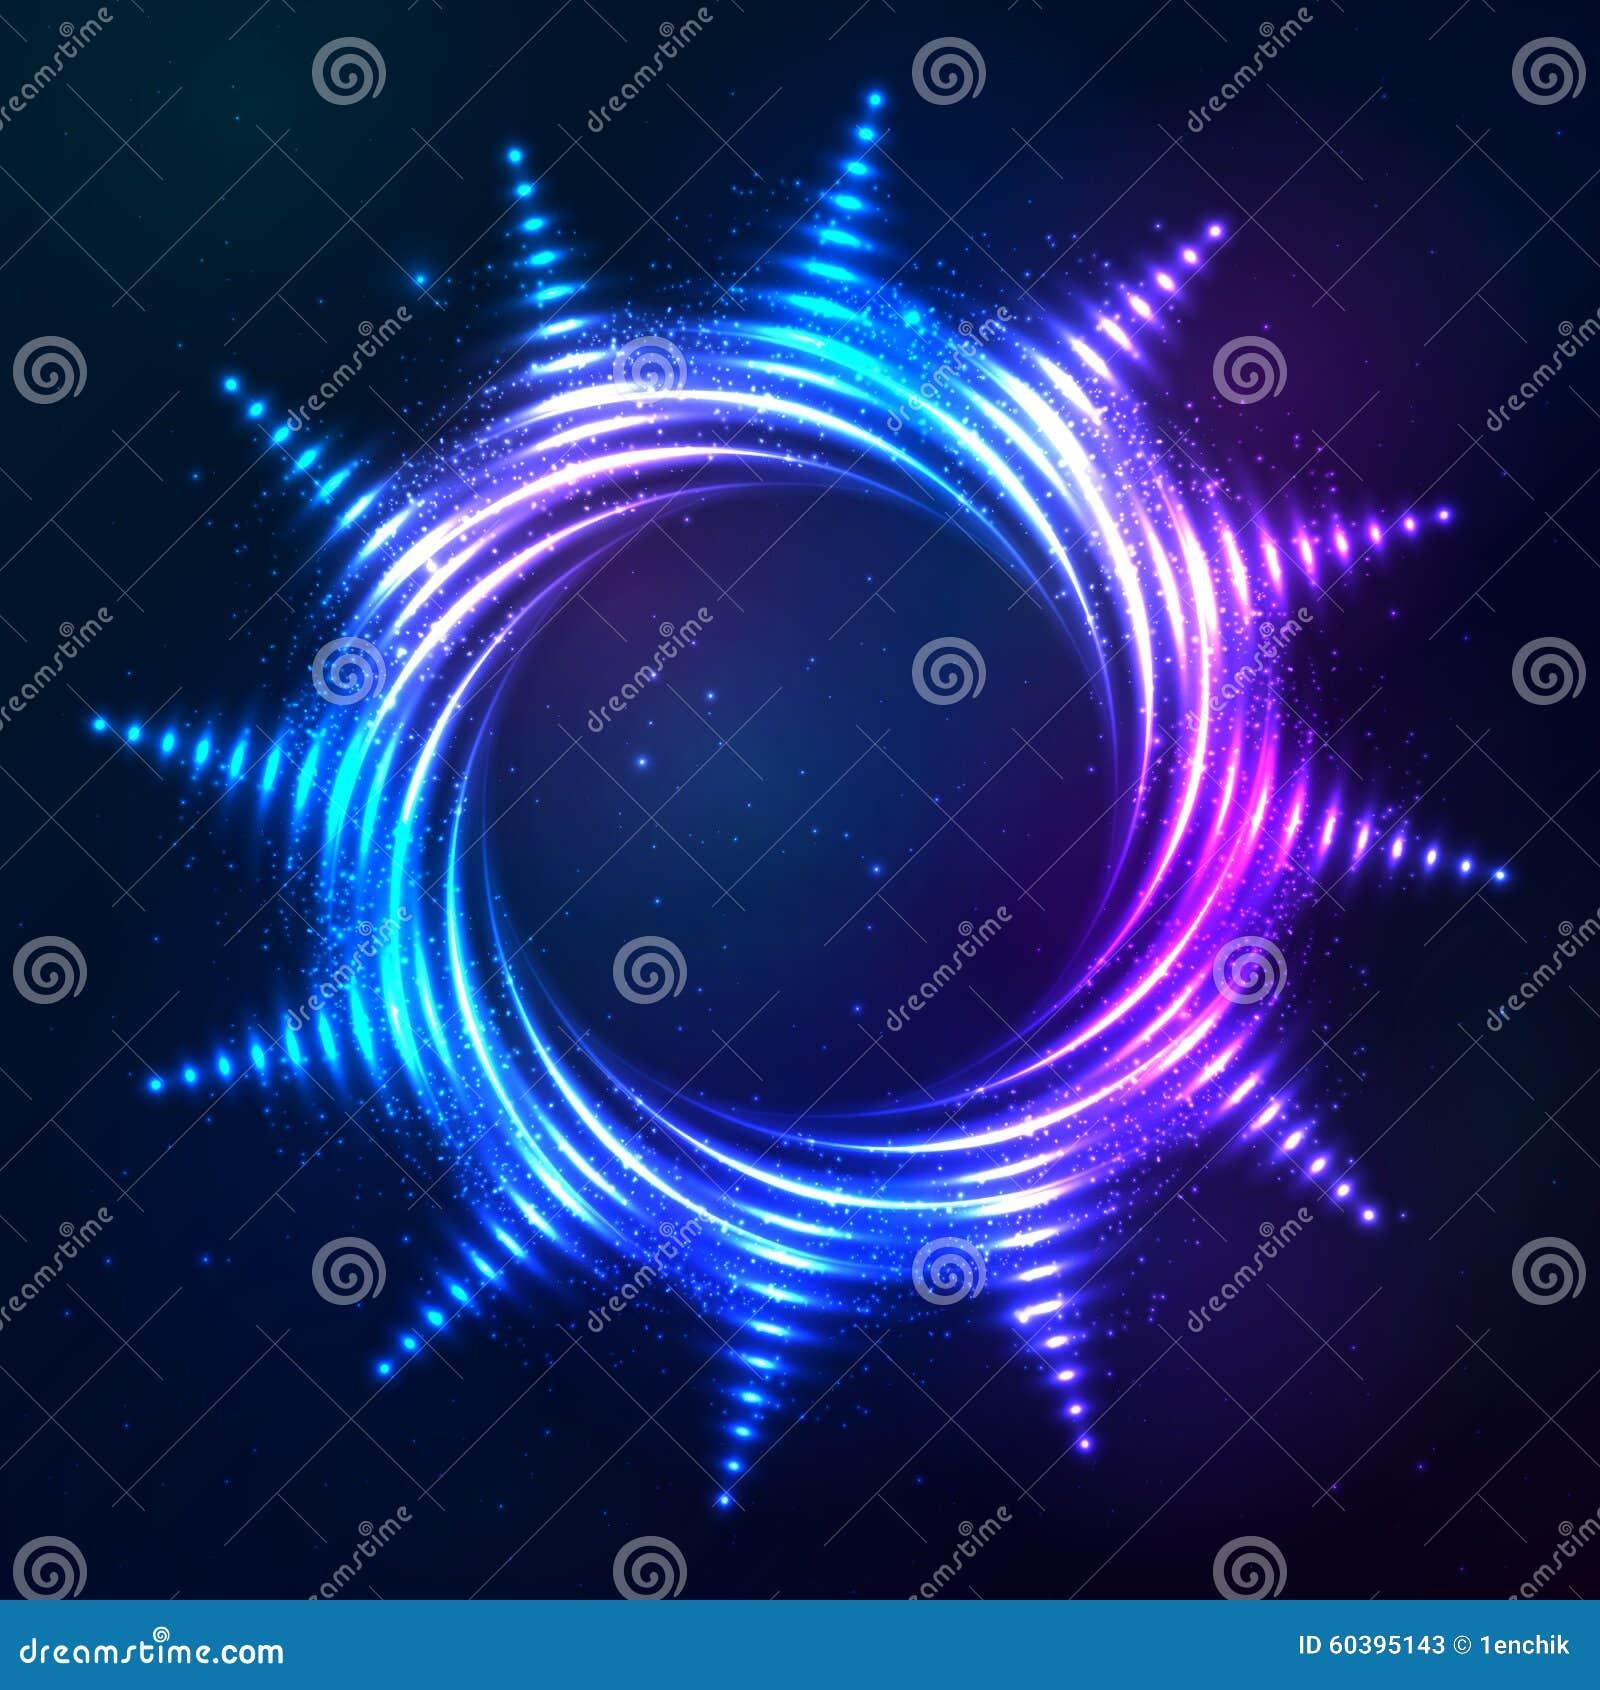 Sol espiral de neón azul brillante brillante en cósmico oscuro